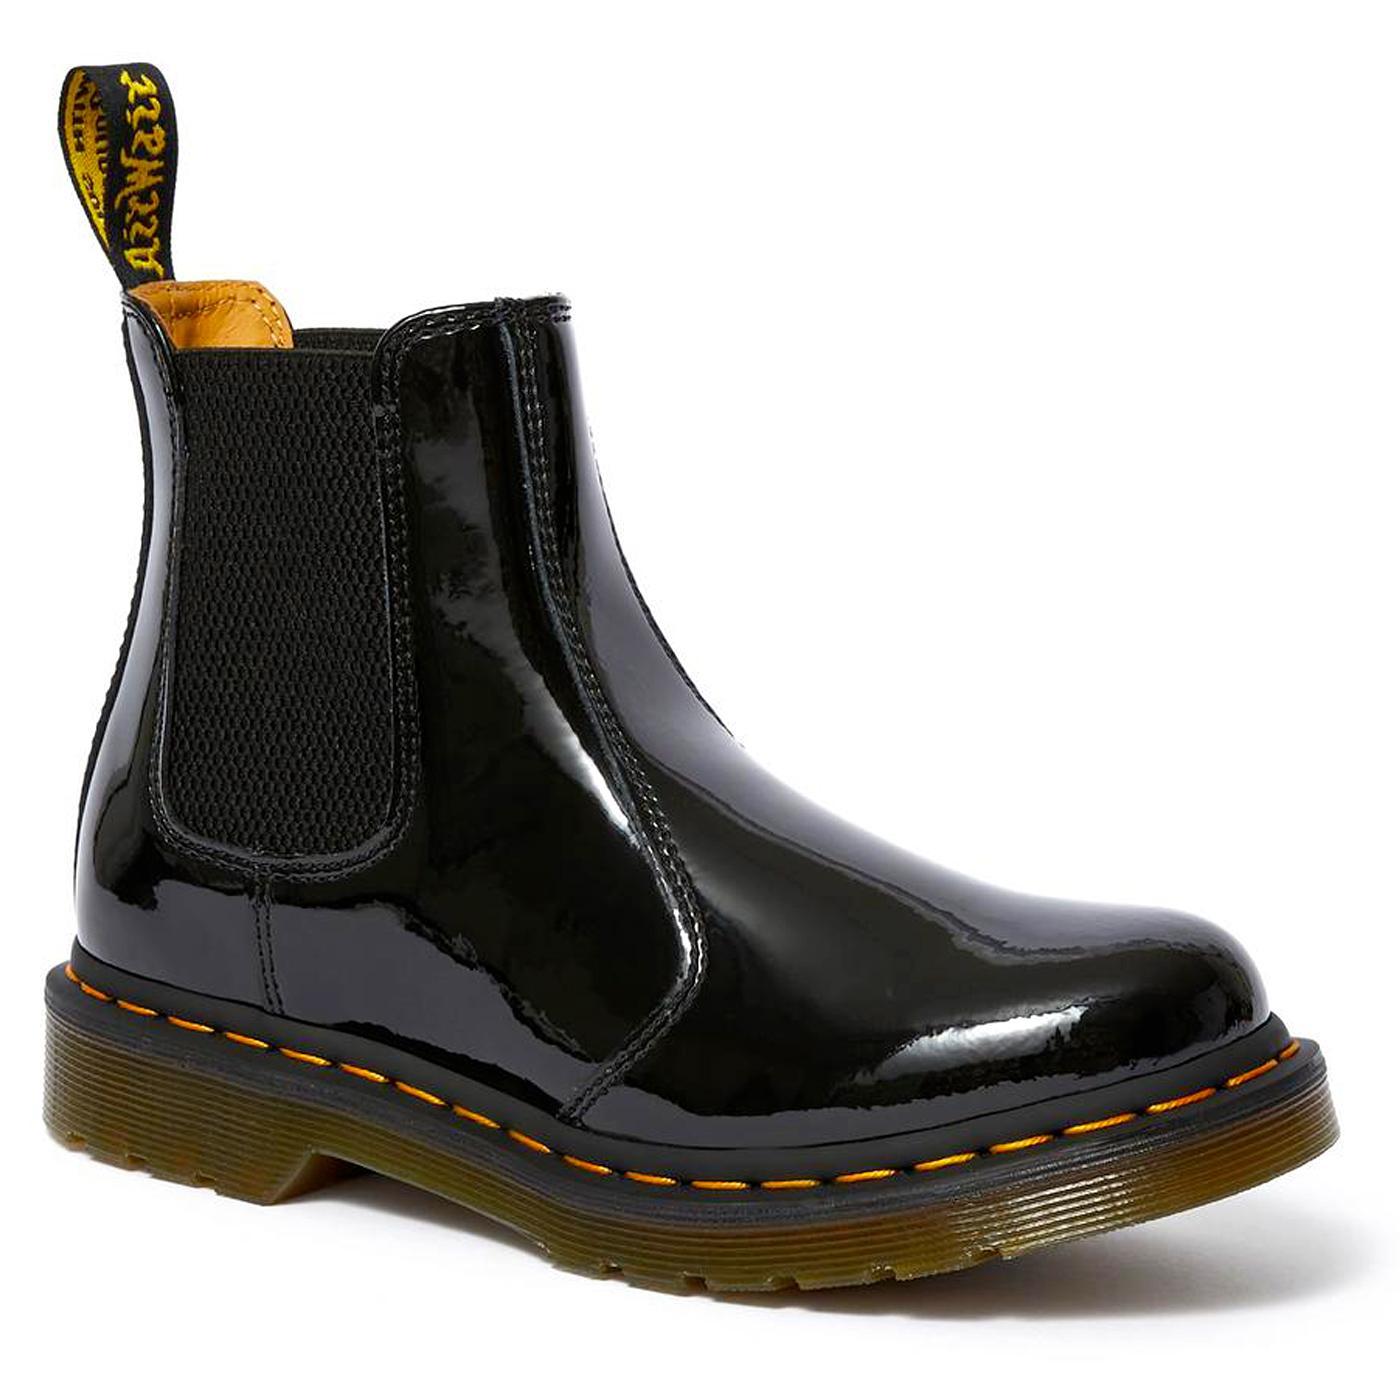 DR MARTENS 2976 Women's Black Patent Chelsea Boots